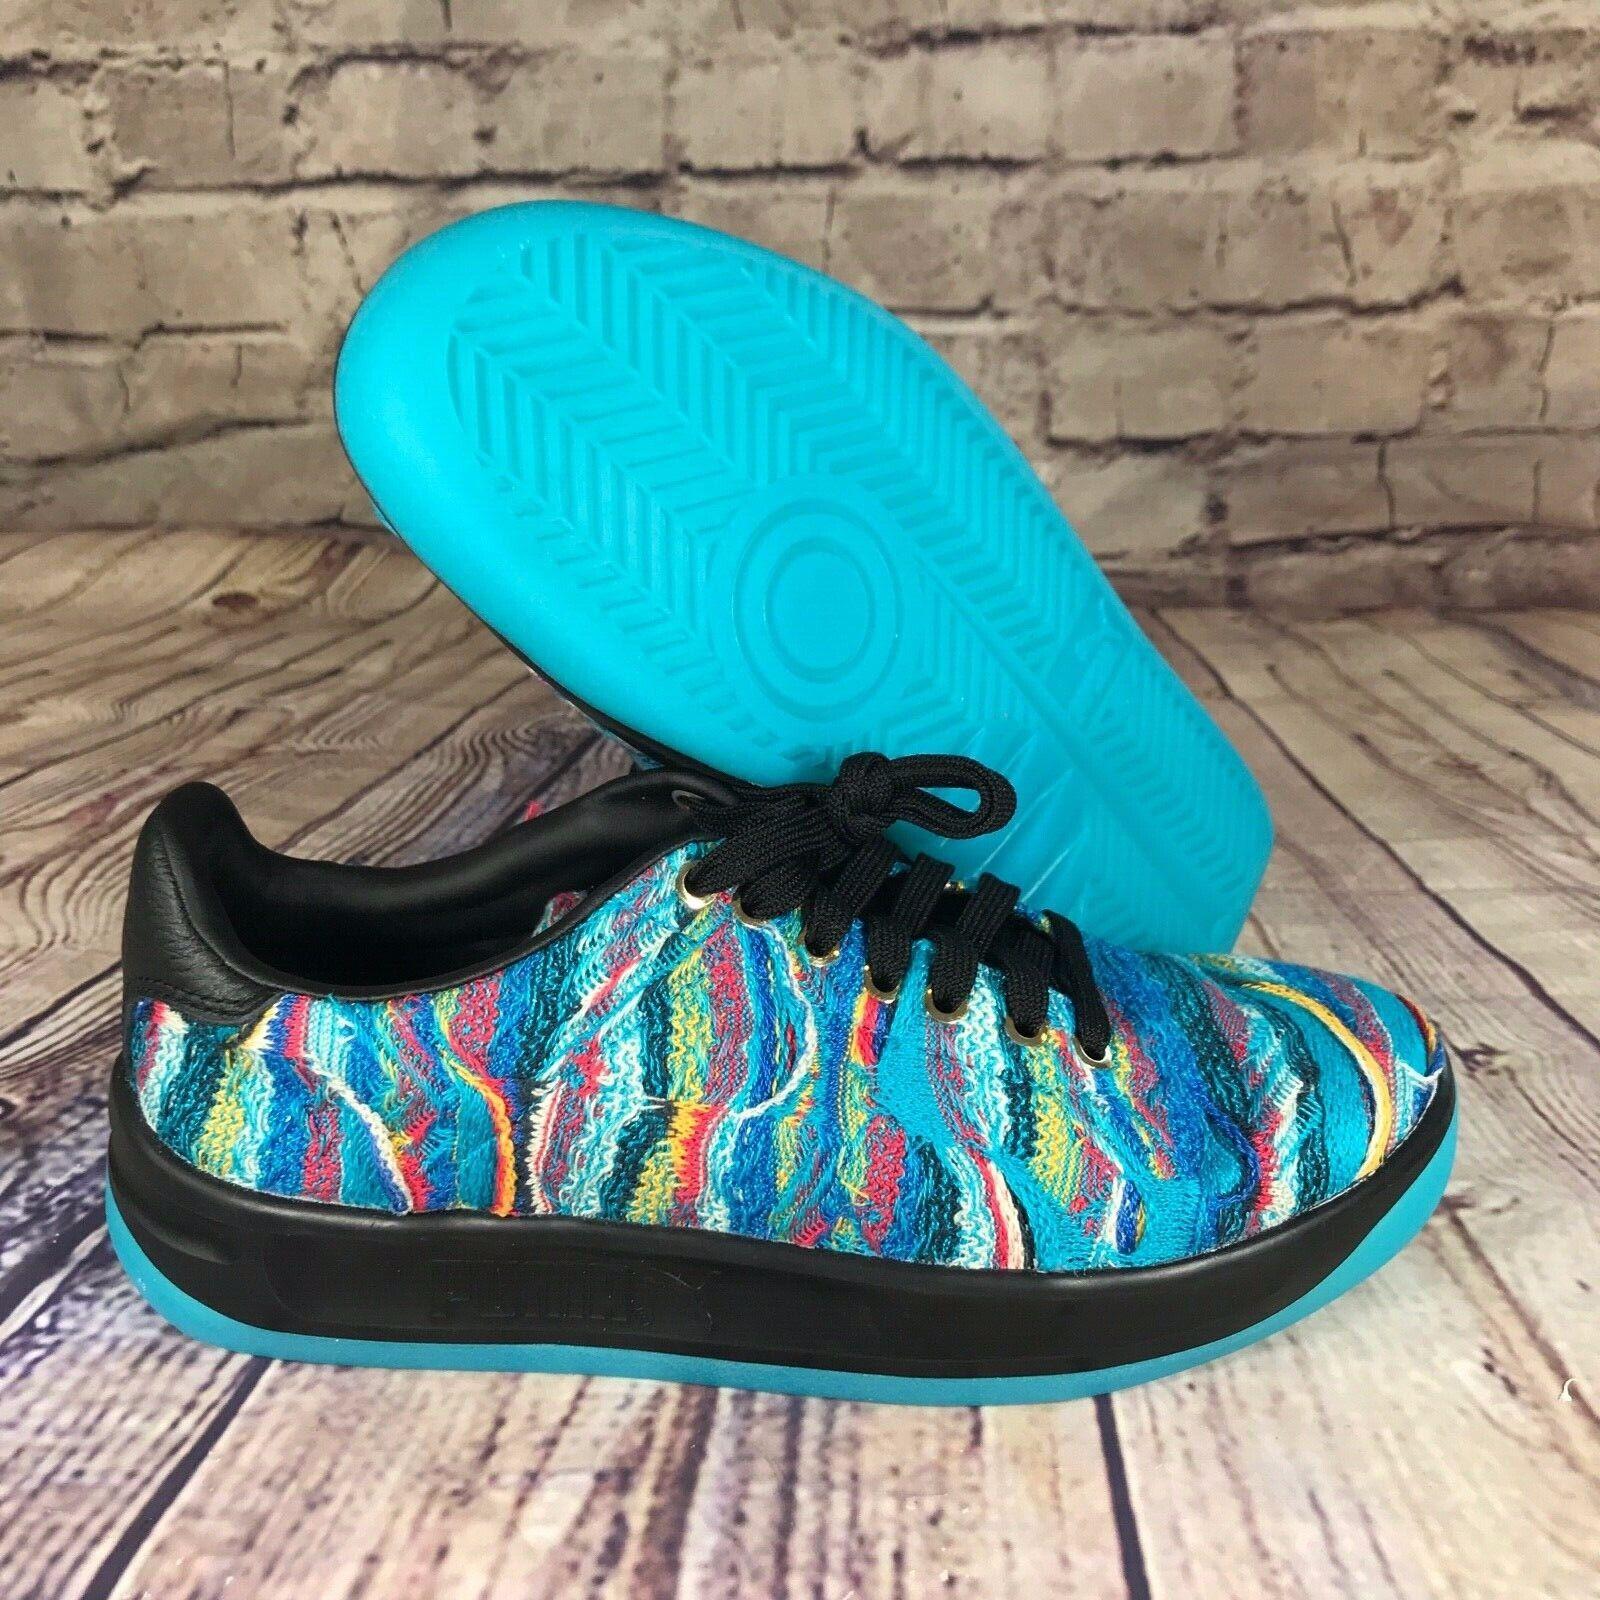 Puma x Coogi Suéter Azul California Multi Zapatos atolón Negro 367973-01